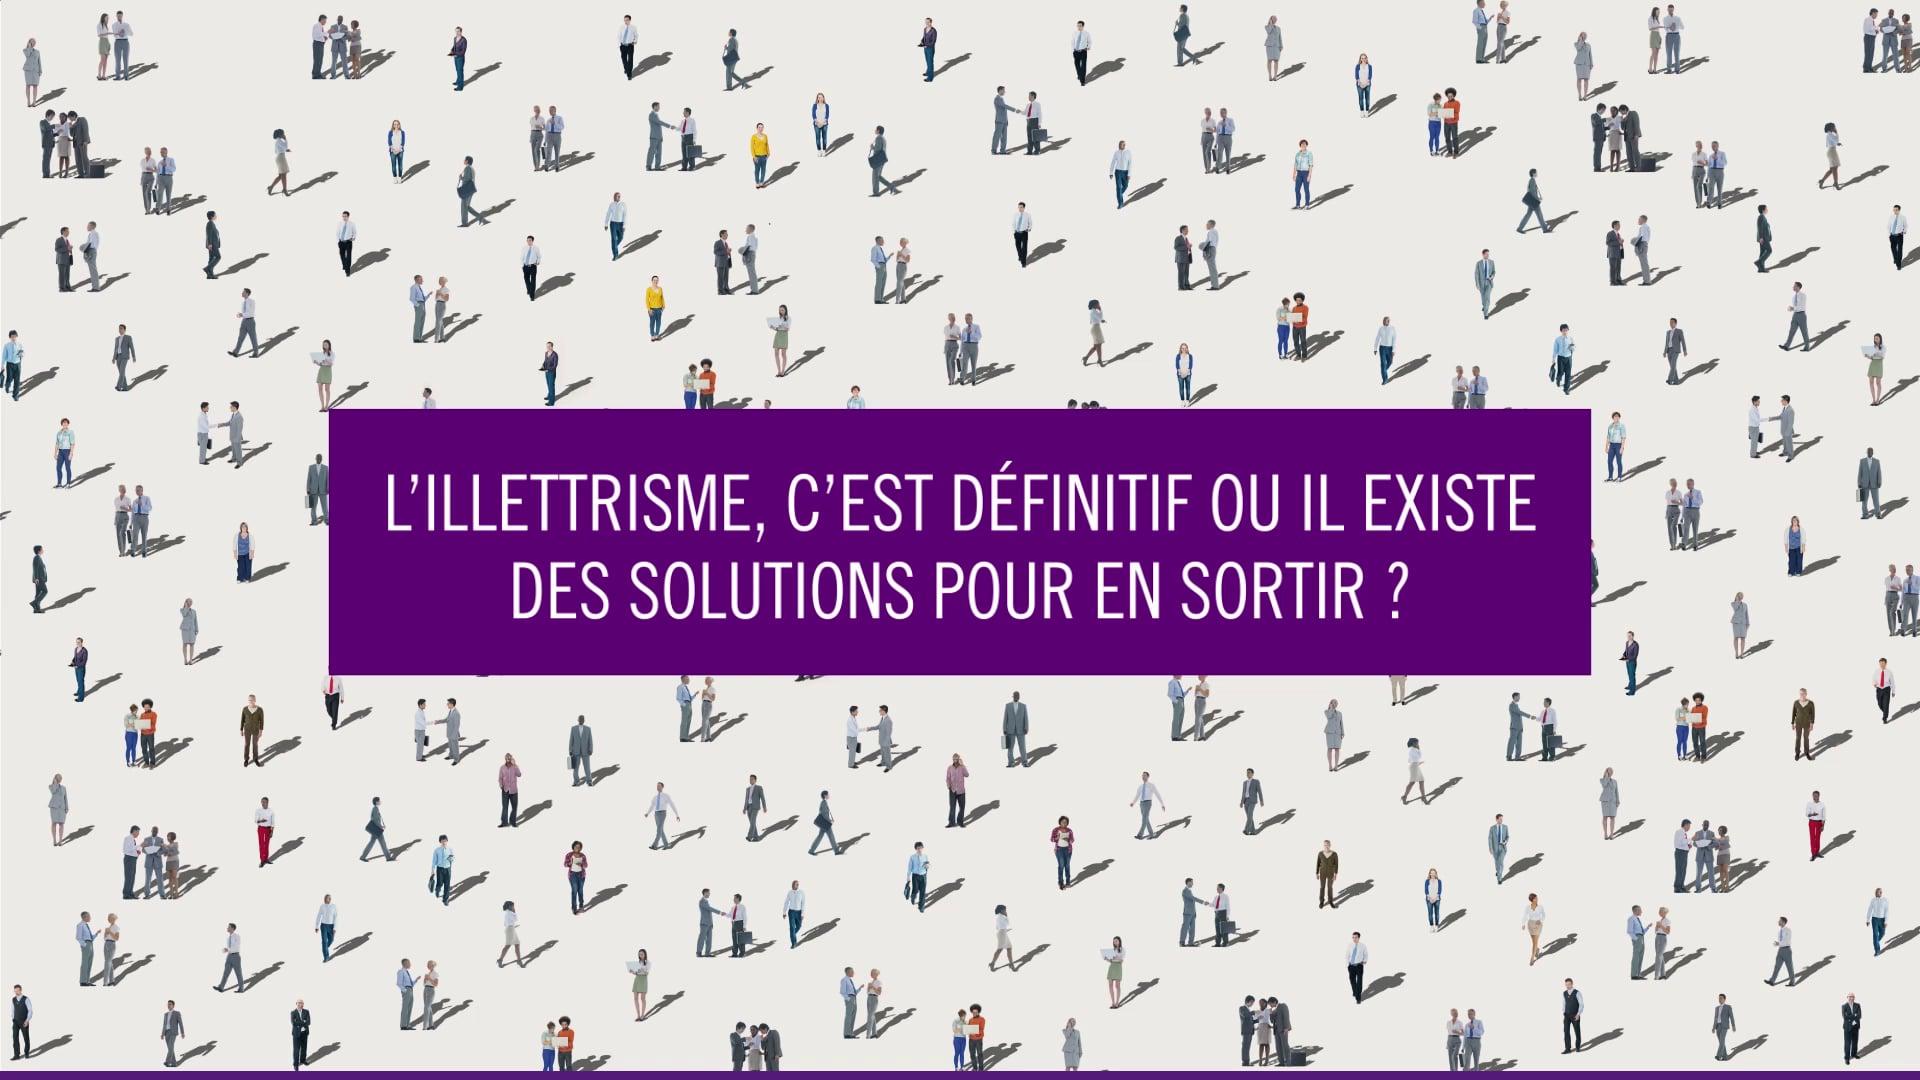 Illettrisme - Le retard français en question